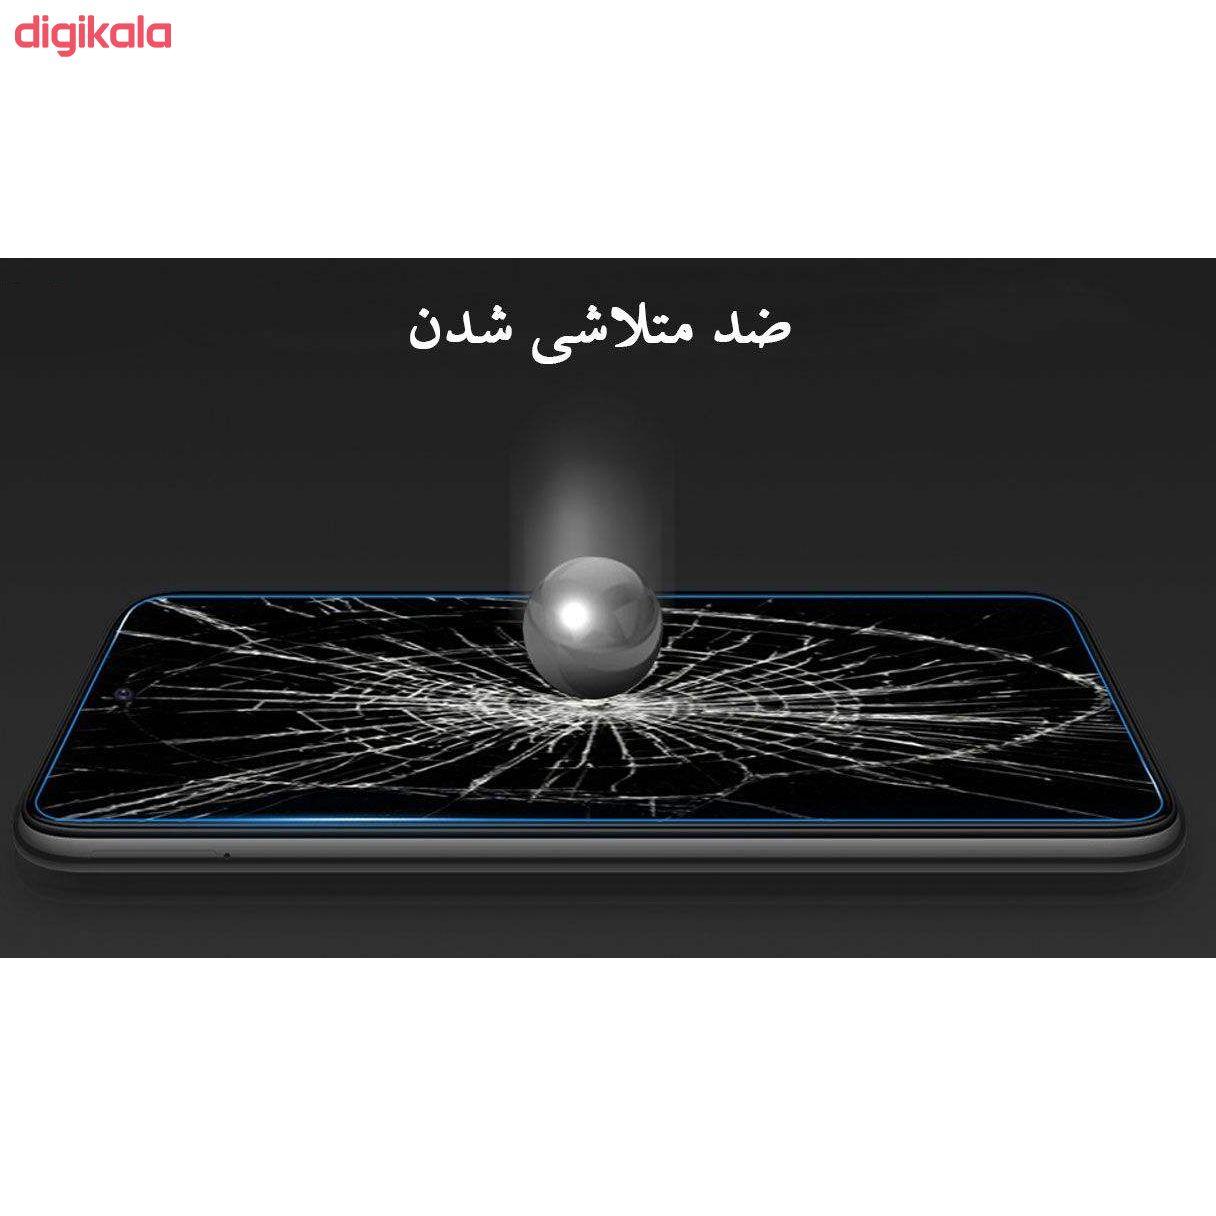 محافظ صفحه نمایش آیرون من مدل Rinbo مناسب برای گوشی موبایل سامسونگ Galaxy A50/A50s/A30s/A30  main 1 3